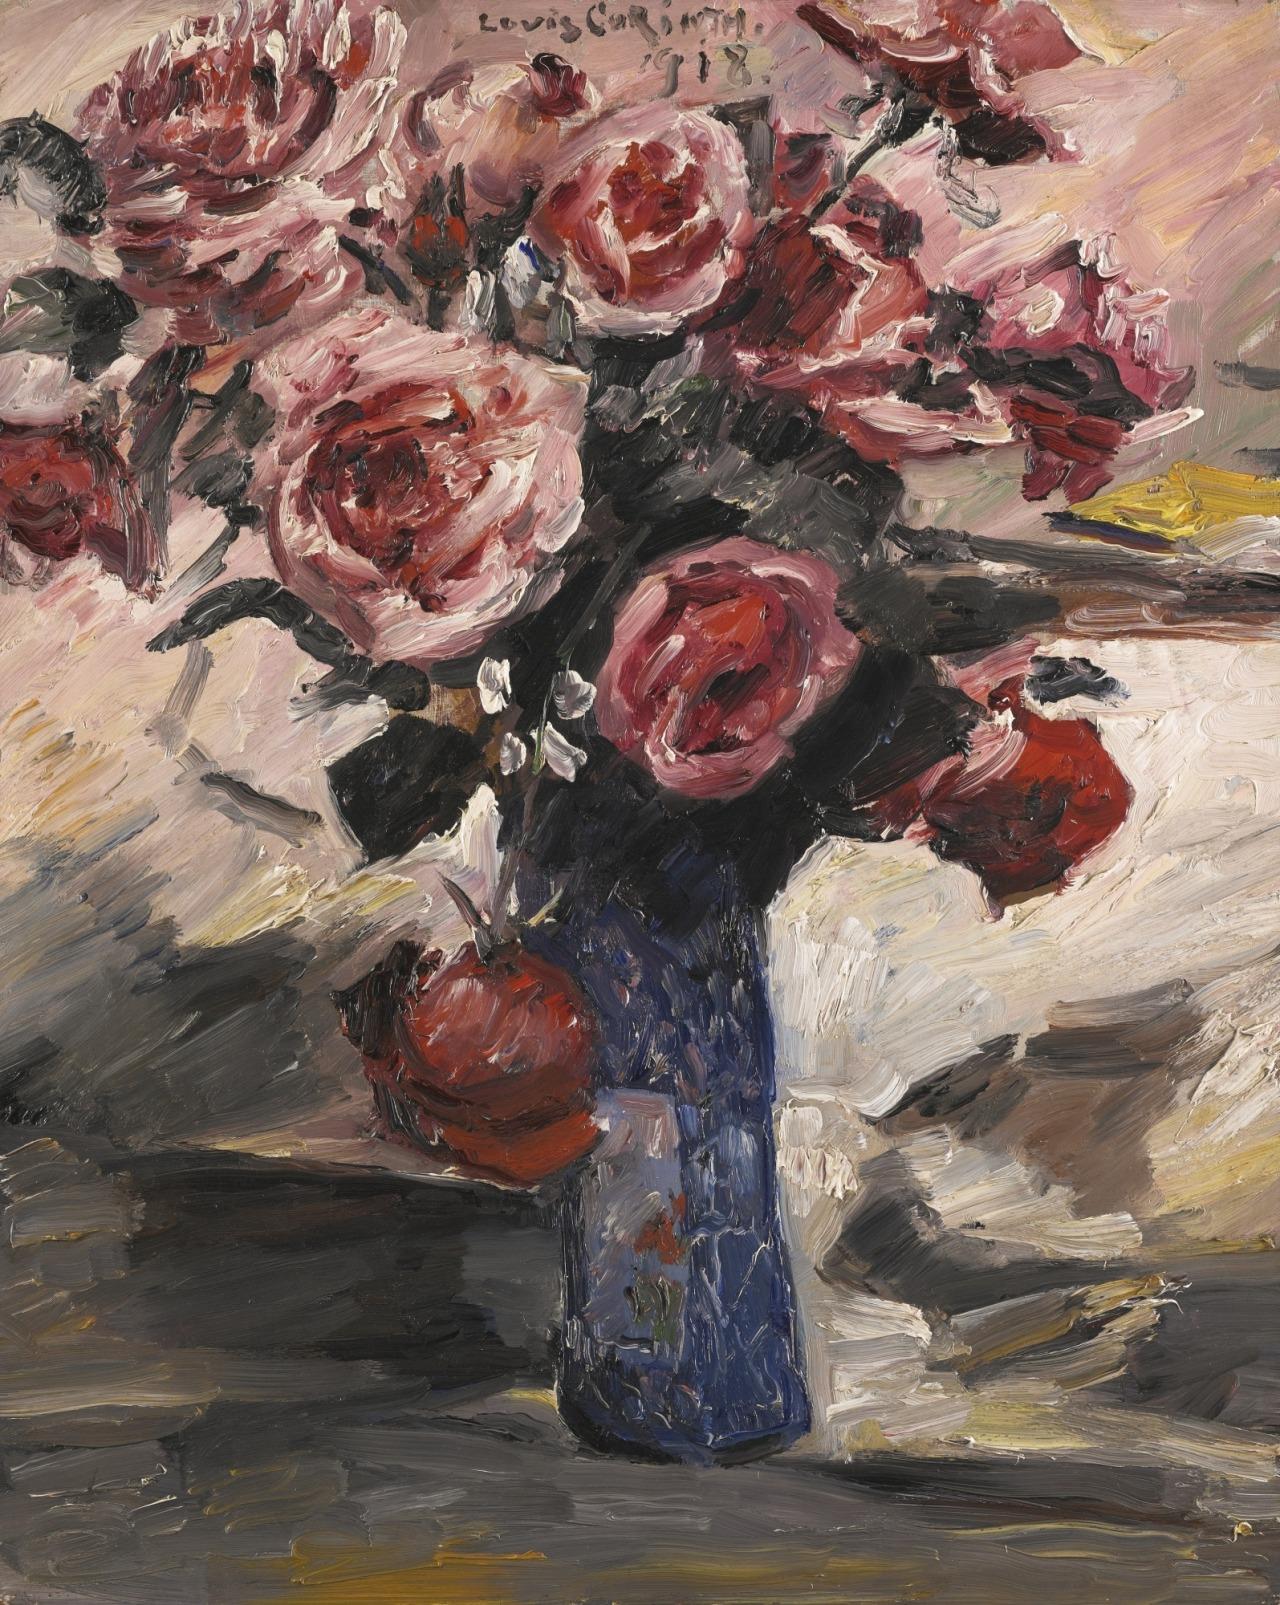 """thunderstruck9: """" Lovis Corinth (German, 1858-1925), Rosen [Roses], 1918. Oil on panel, 60.9 x 49.3 cm. """""""